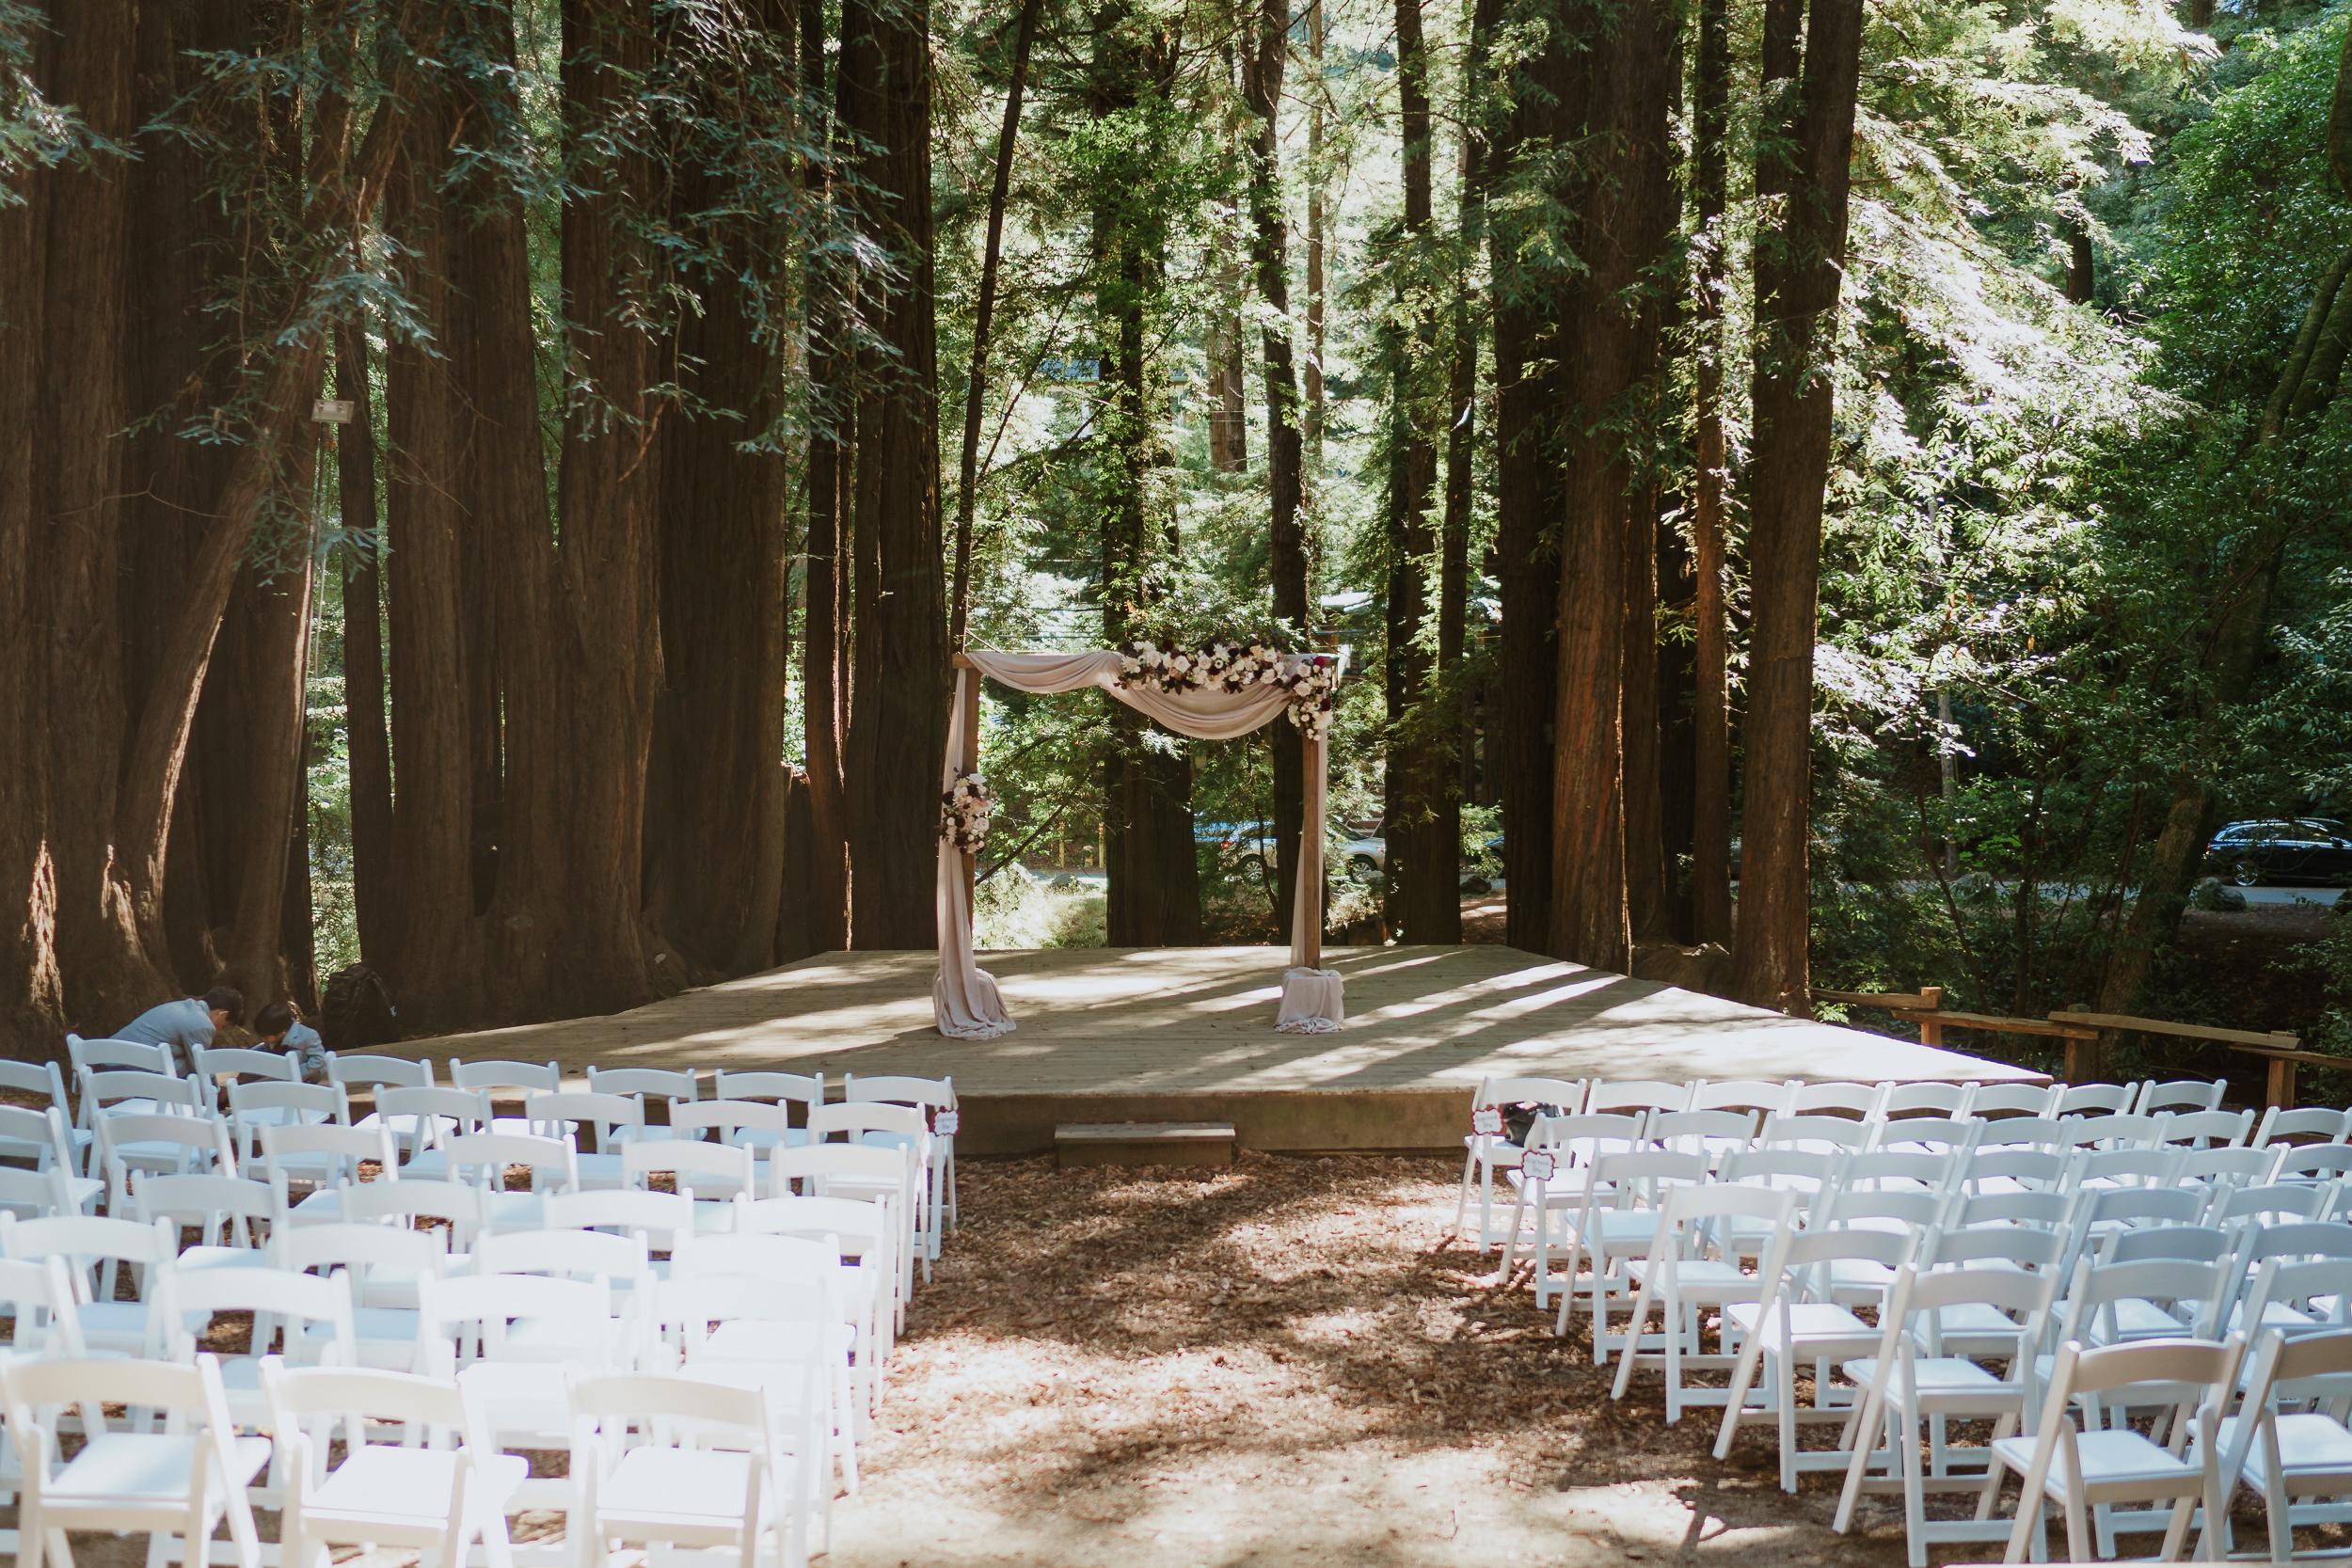 26-old-mill-park-mill-valley-community-center-wedding-vivianchen-009.jpg